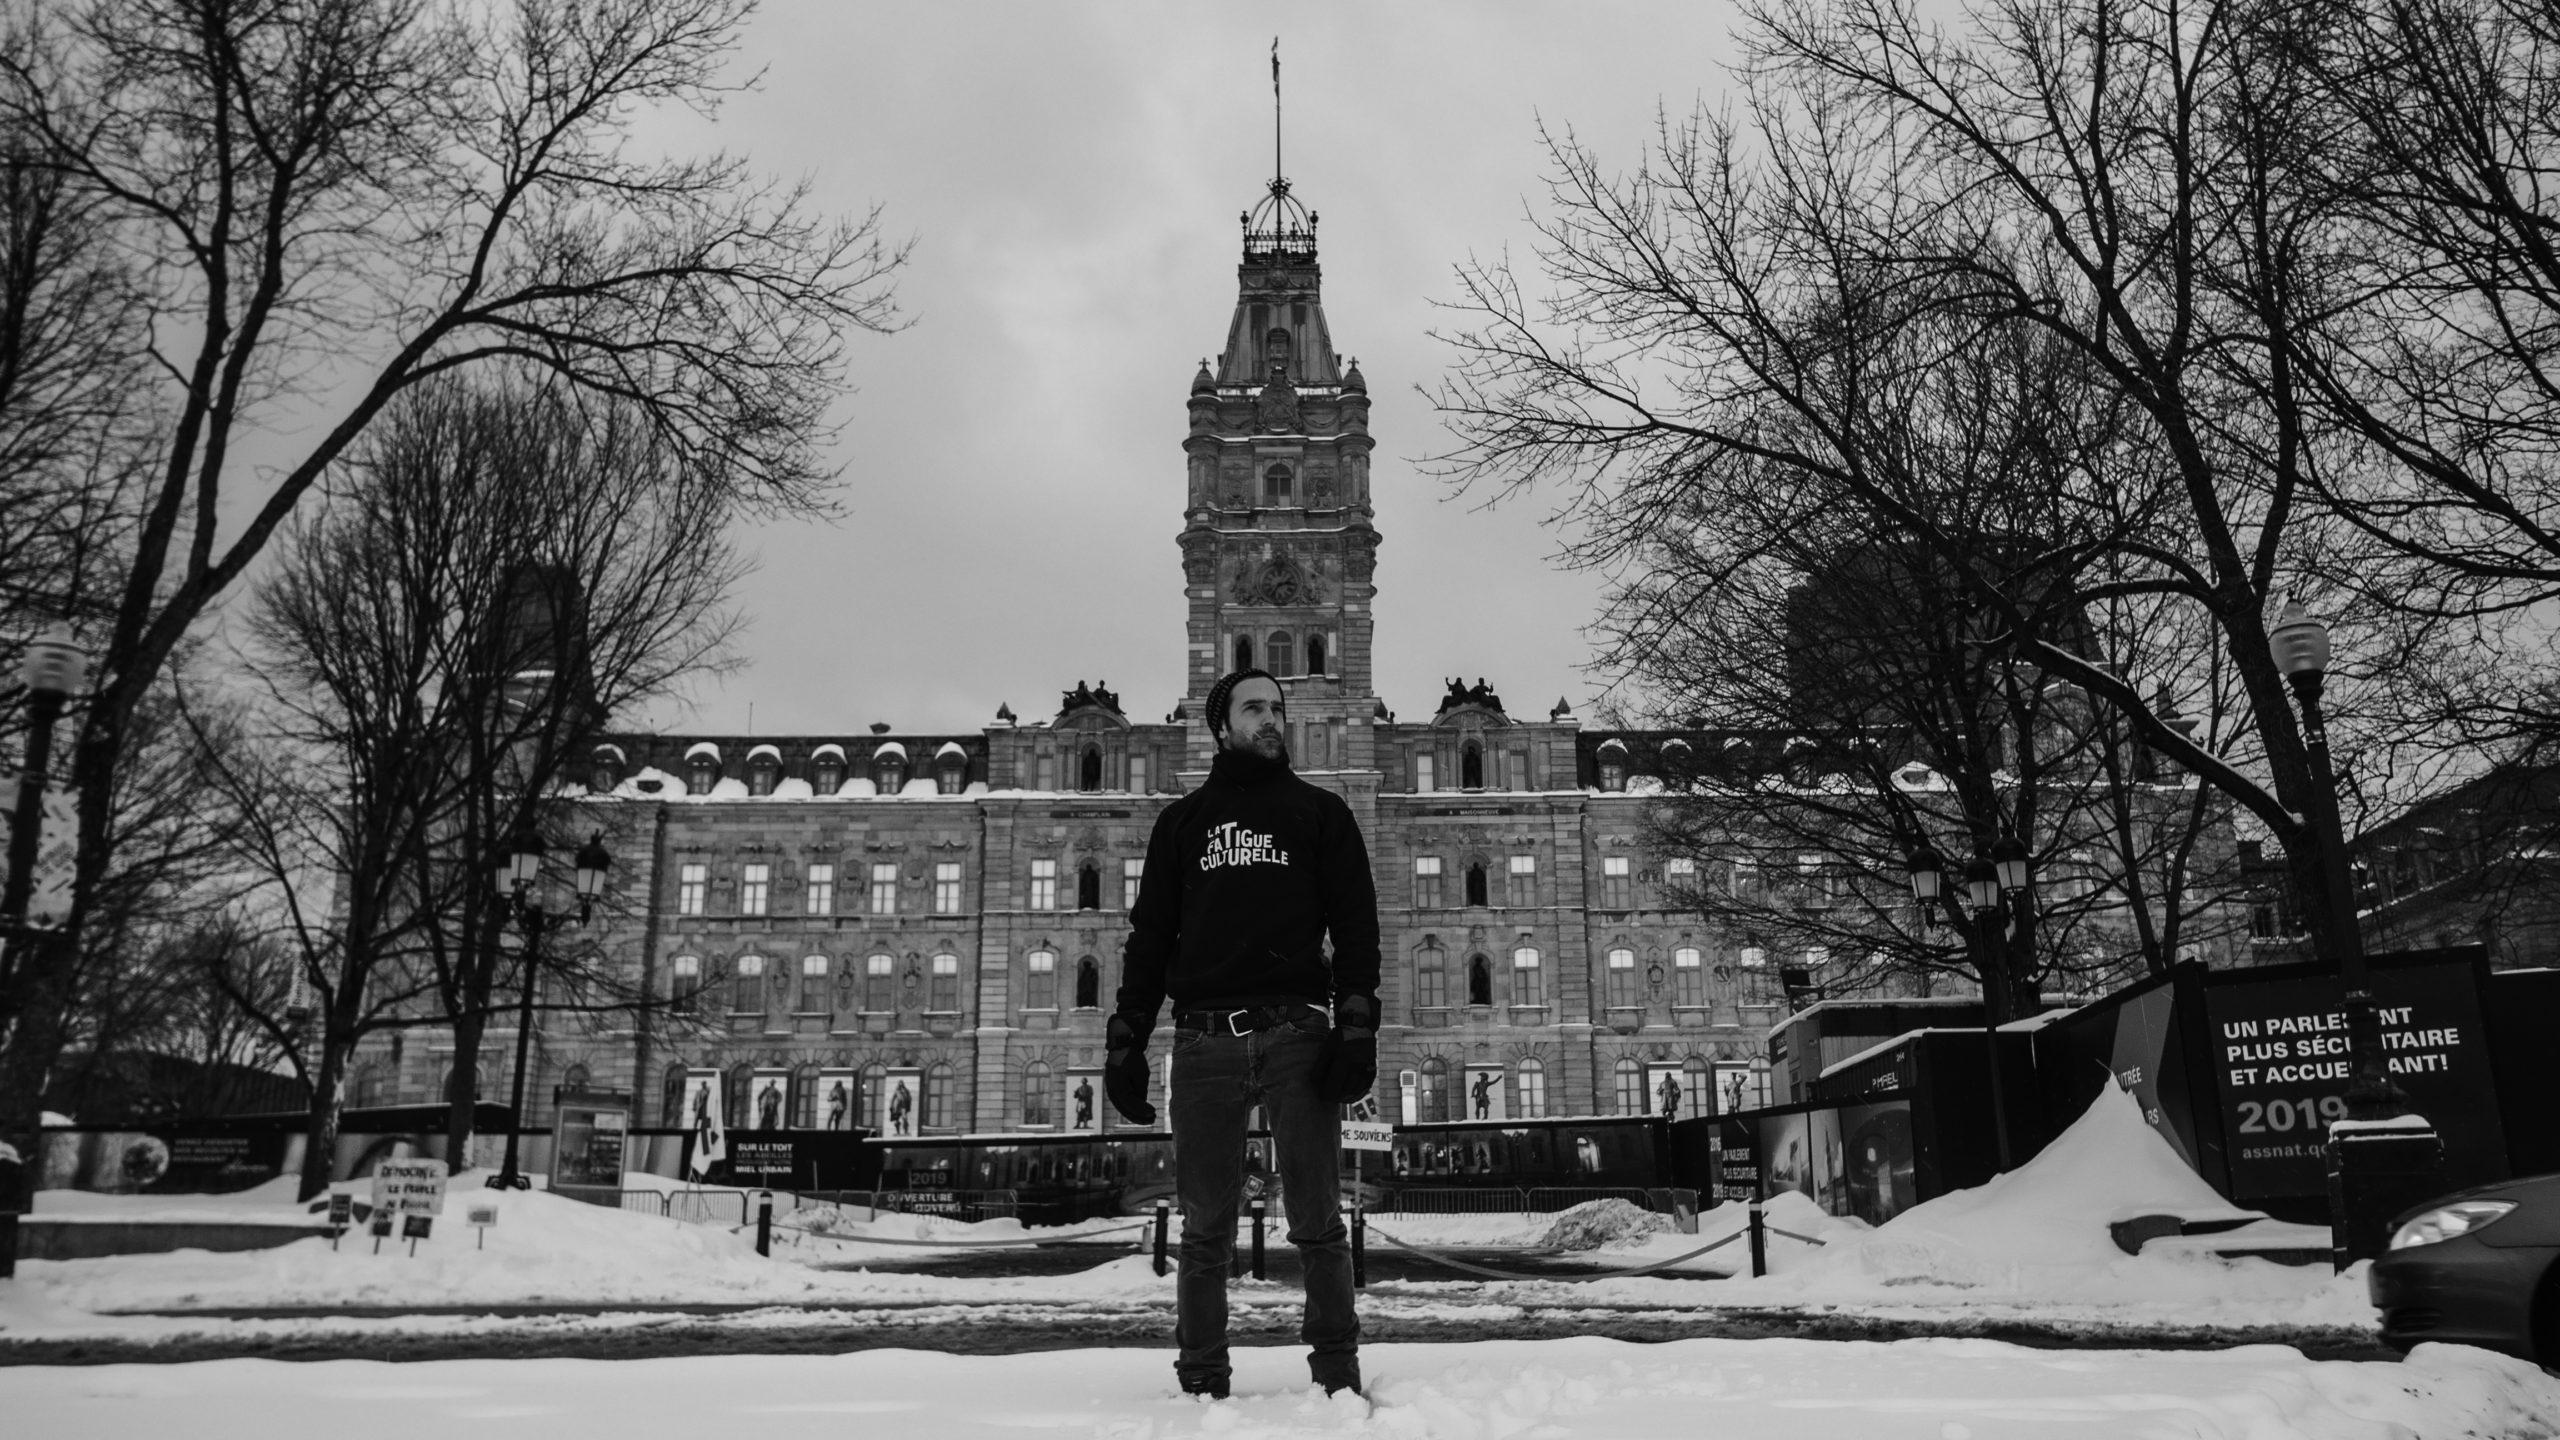 La Fatigue culturelle dans les centres d'artistes du Québec (2018), au Parlement du Québec. Crédit : Marc-André Lefebvre